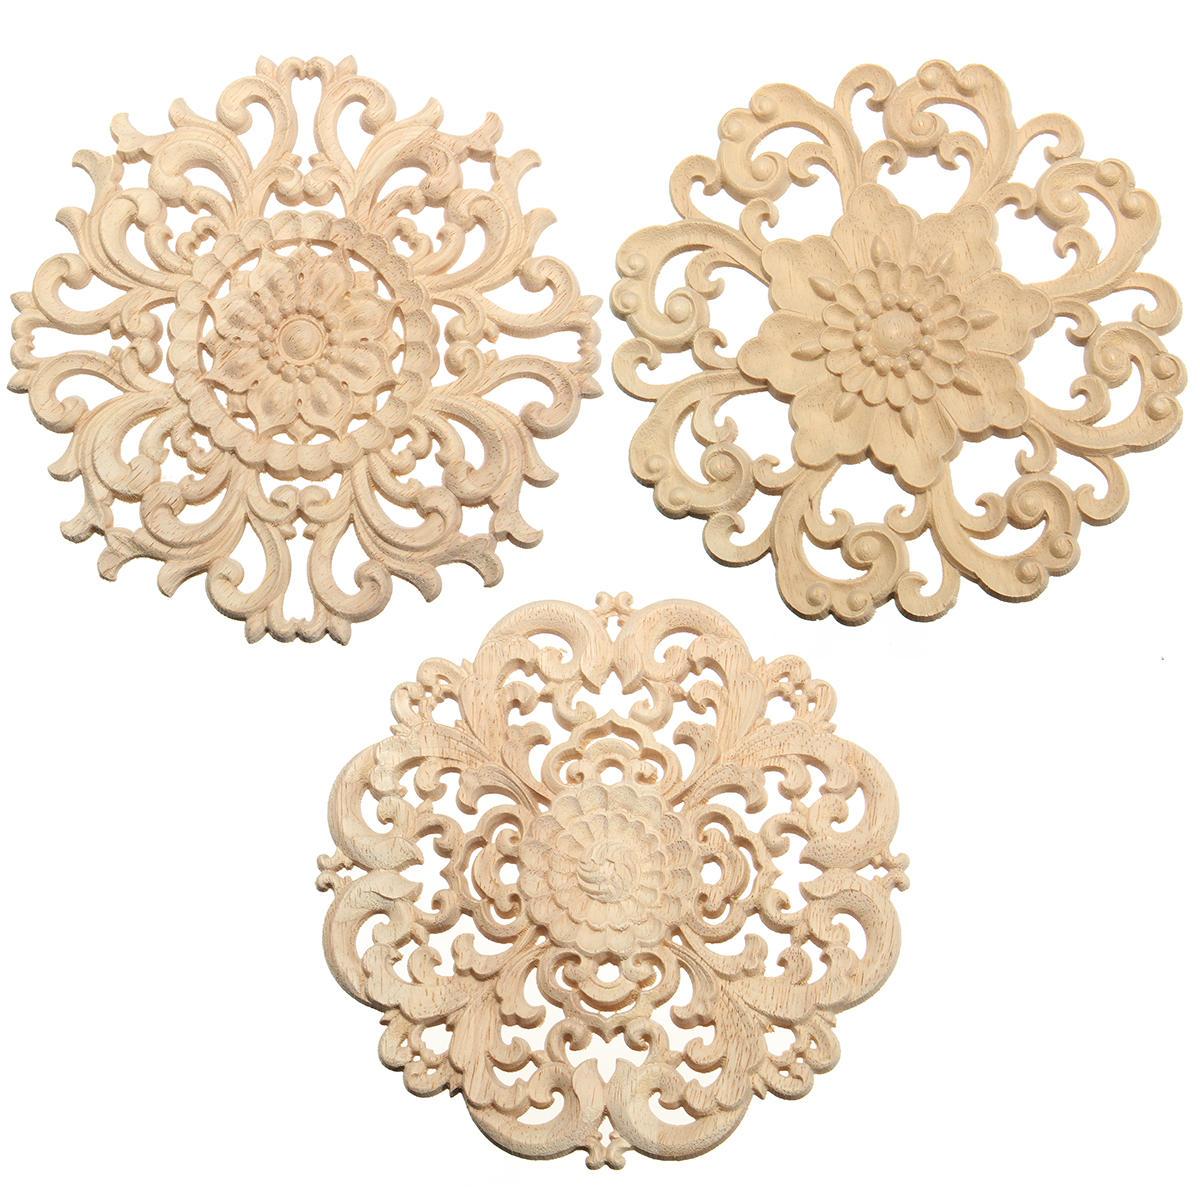 apliques tallados en madera sin pintar flor patrón muebles marco ...